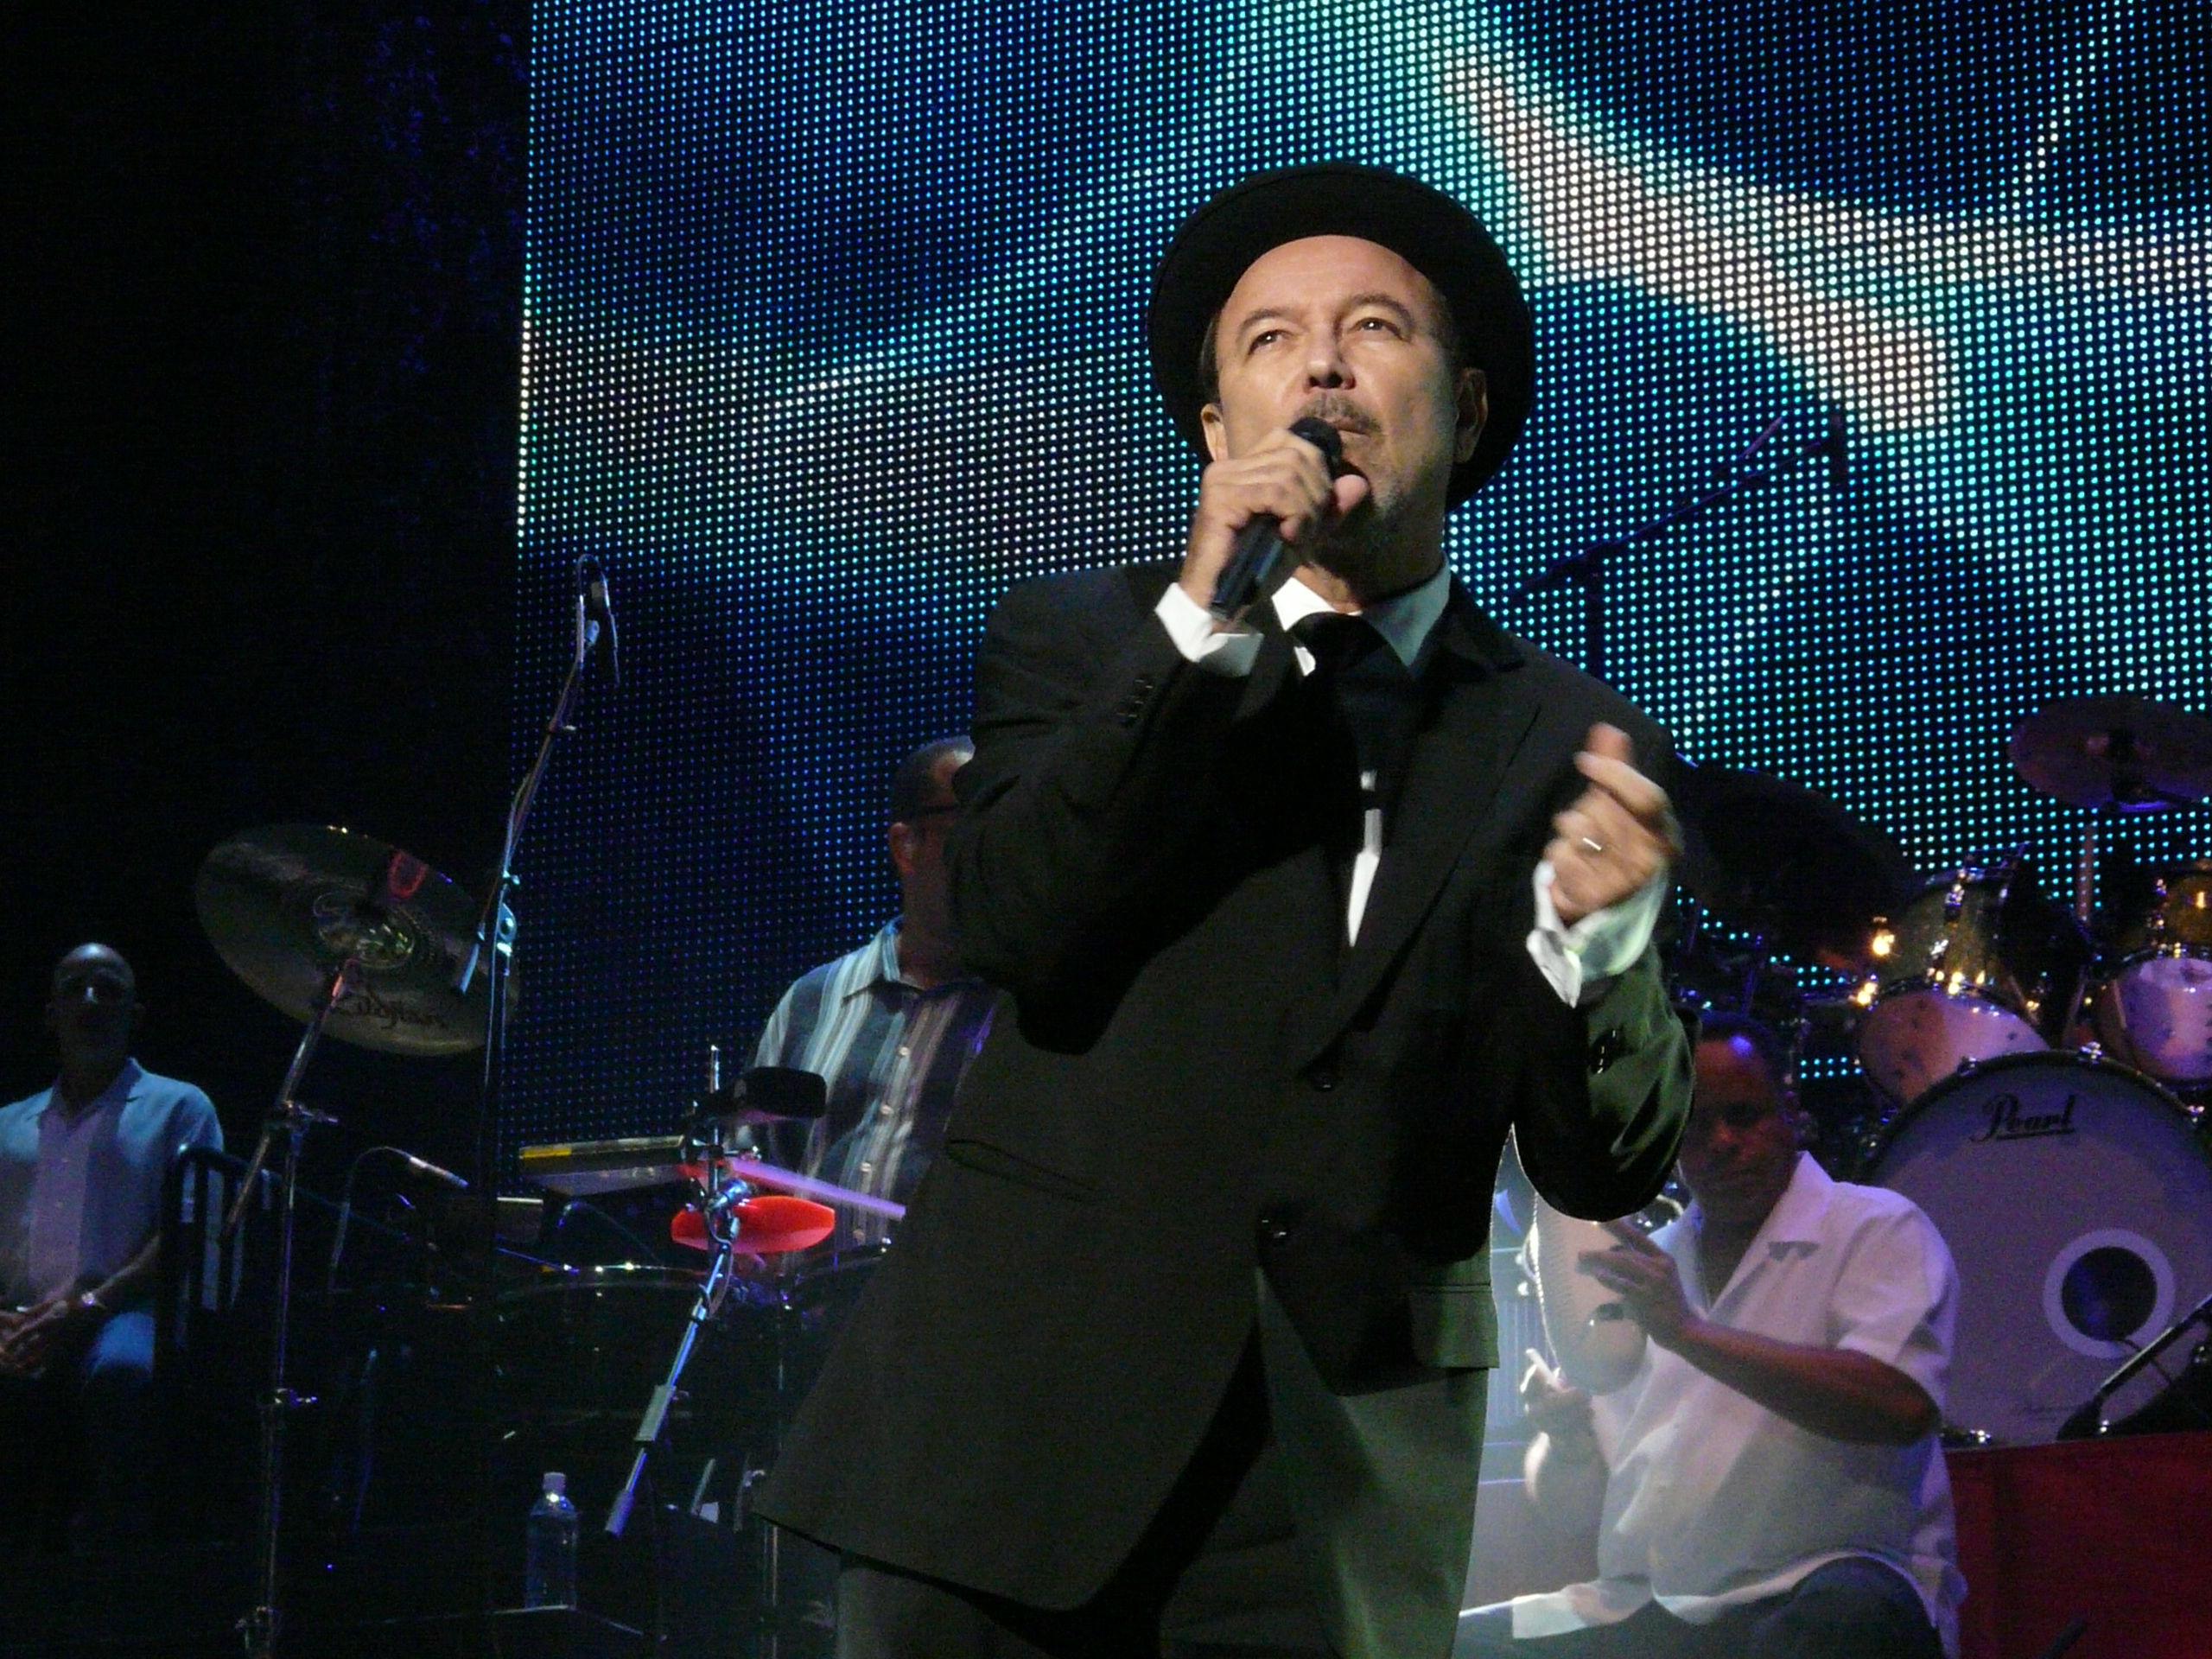 Rubén Blades con Roberto Delgado Salsa Big Band (Panamá)